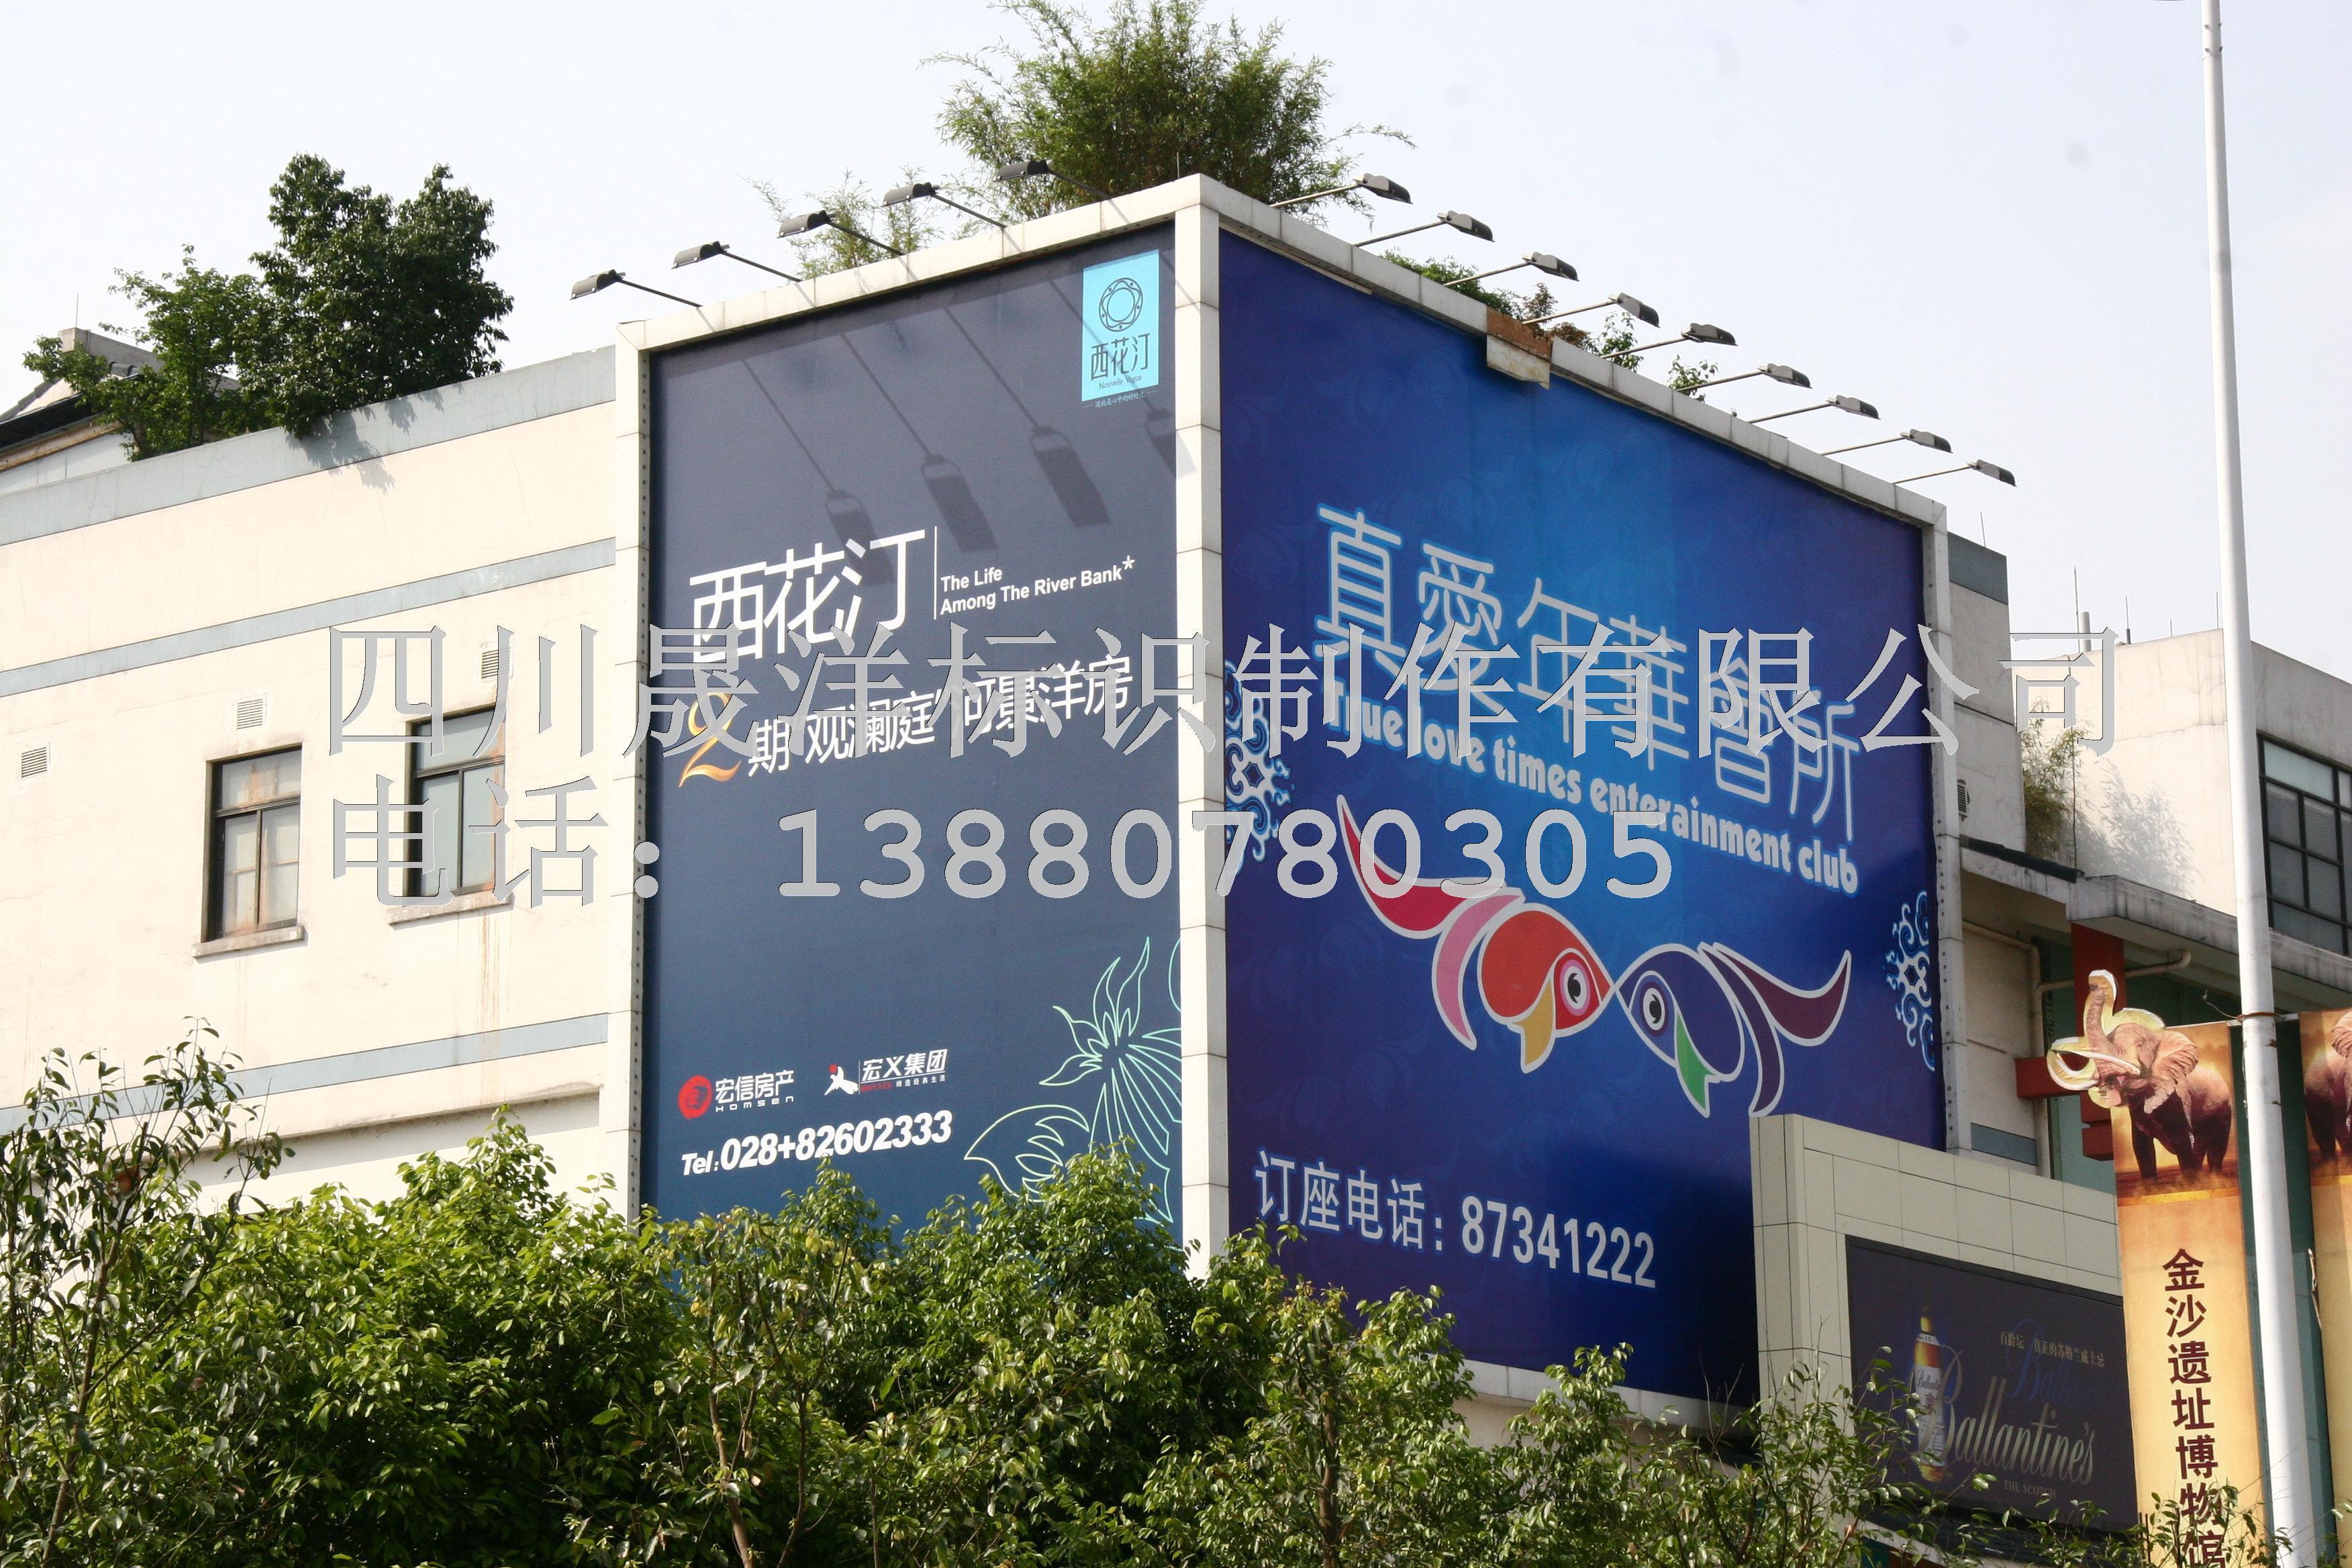 户外广告看板标识系统哪家做的好